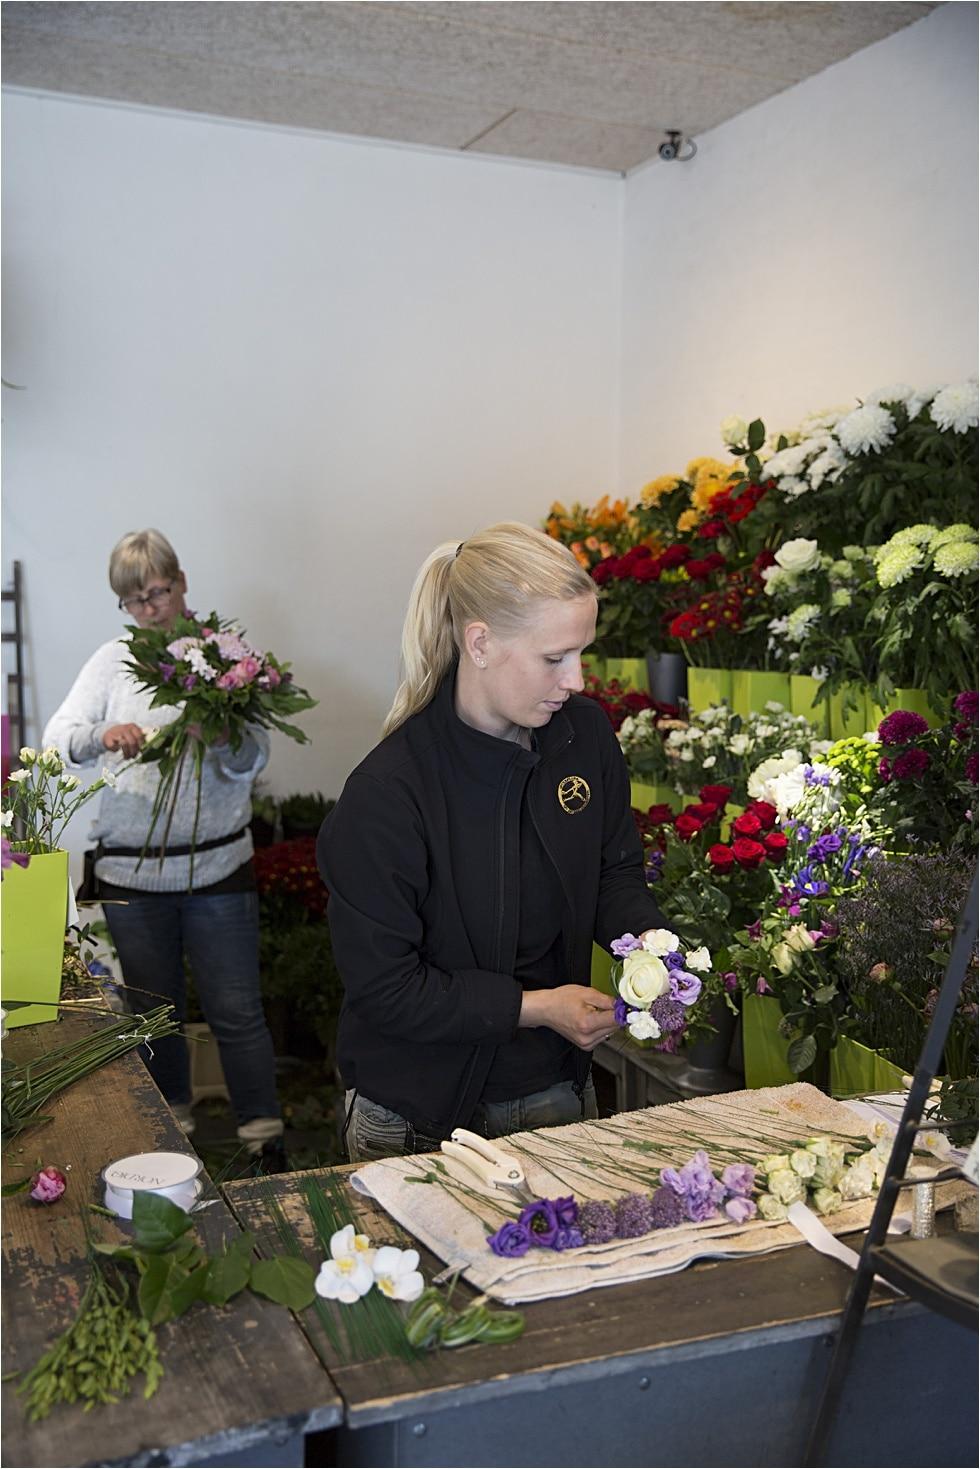 brudebuket interflora leverandør vejle fotograf Tine hvolby52